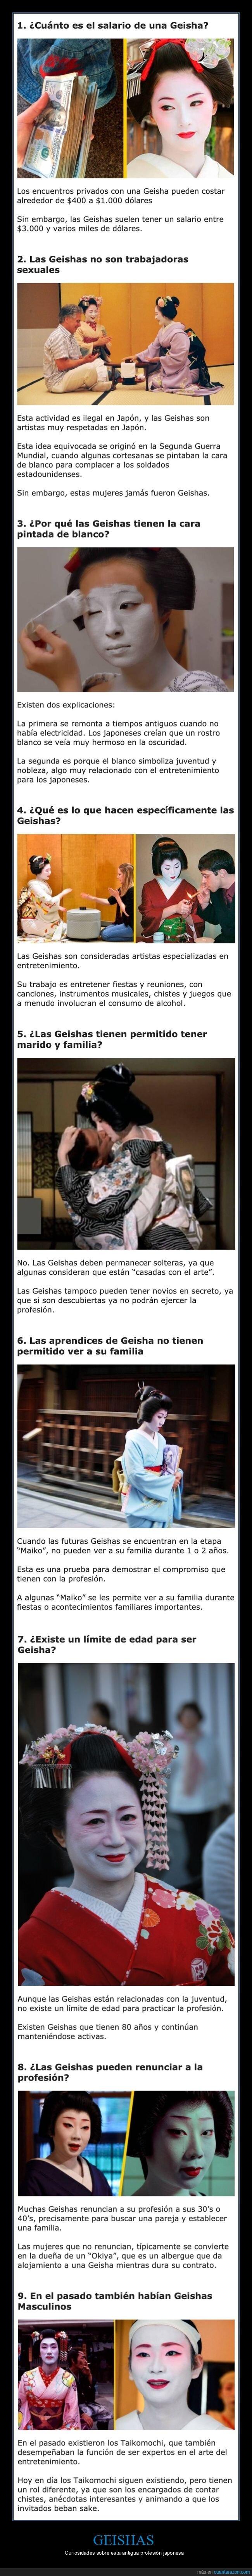 curiosidades,geishas